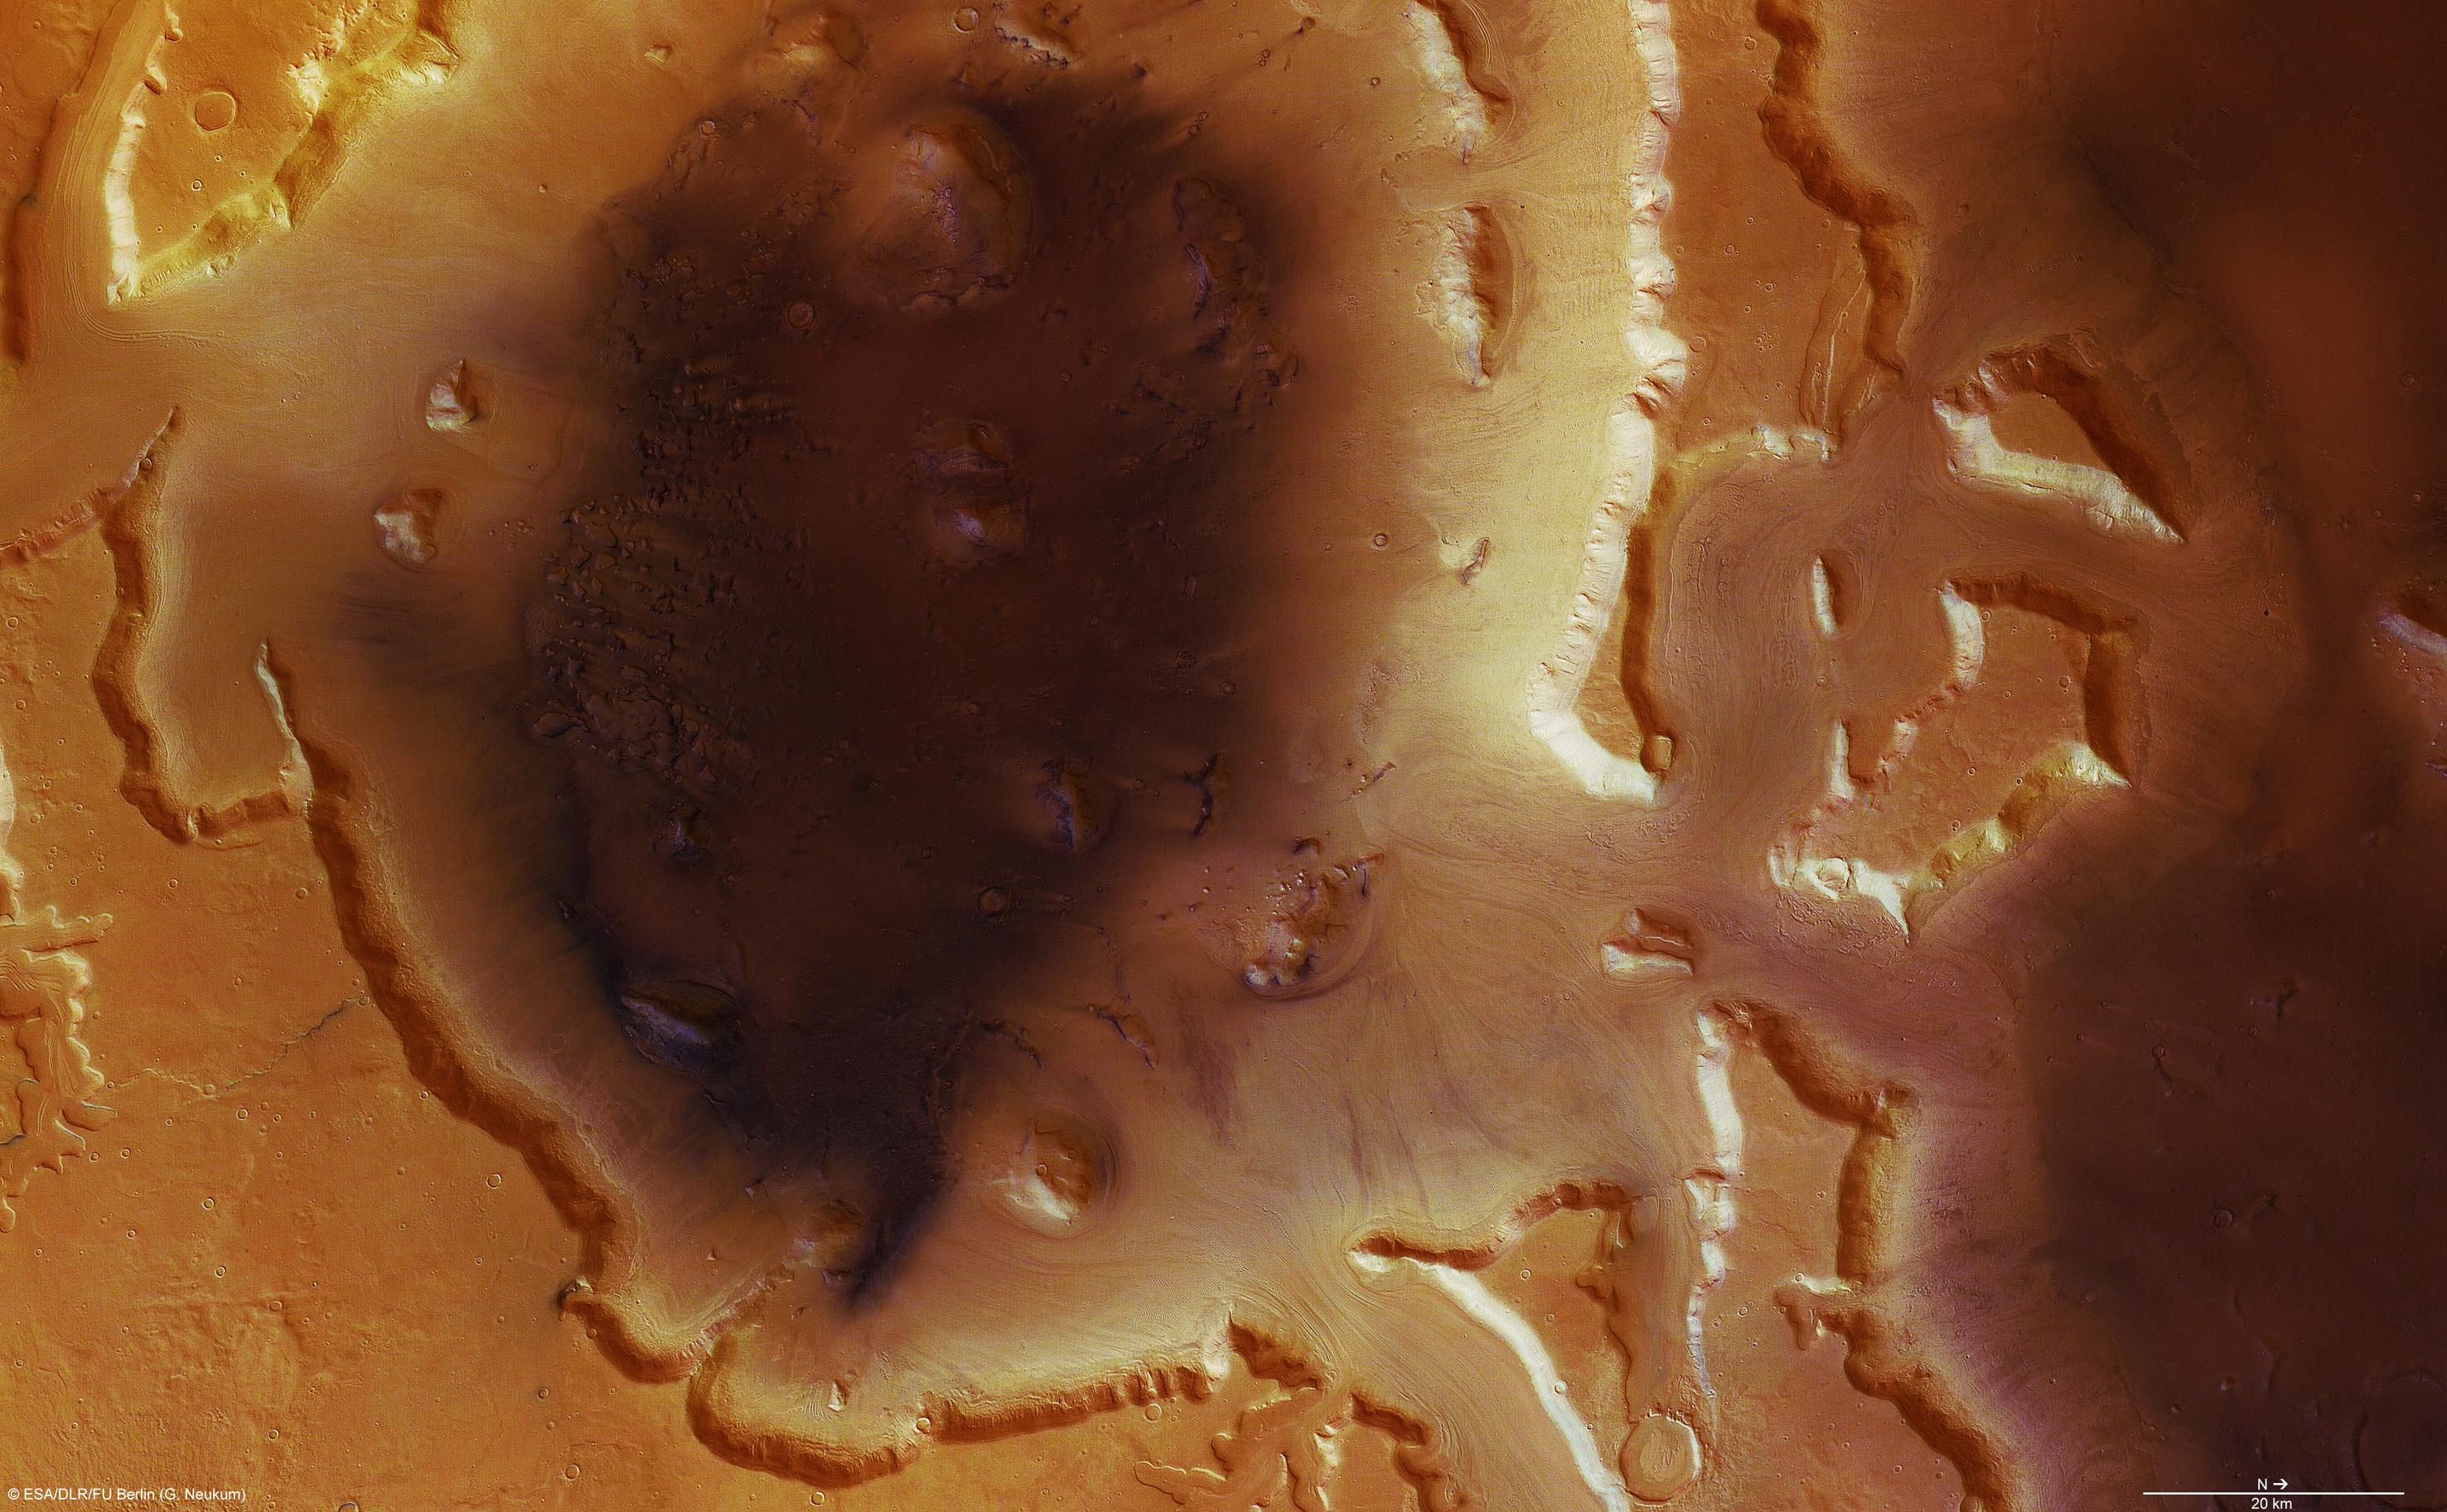 Deuteronilus Mensae Mars